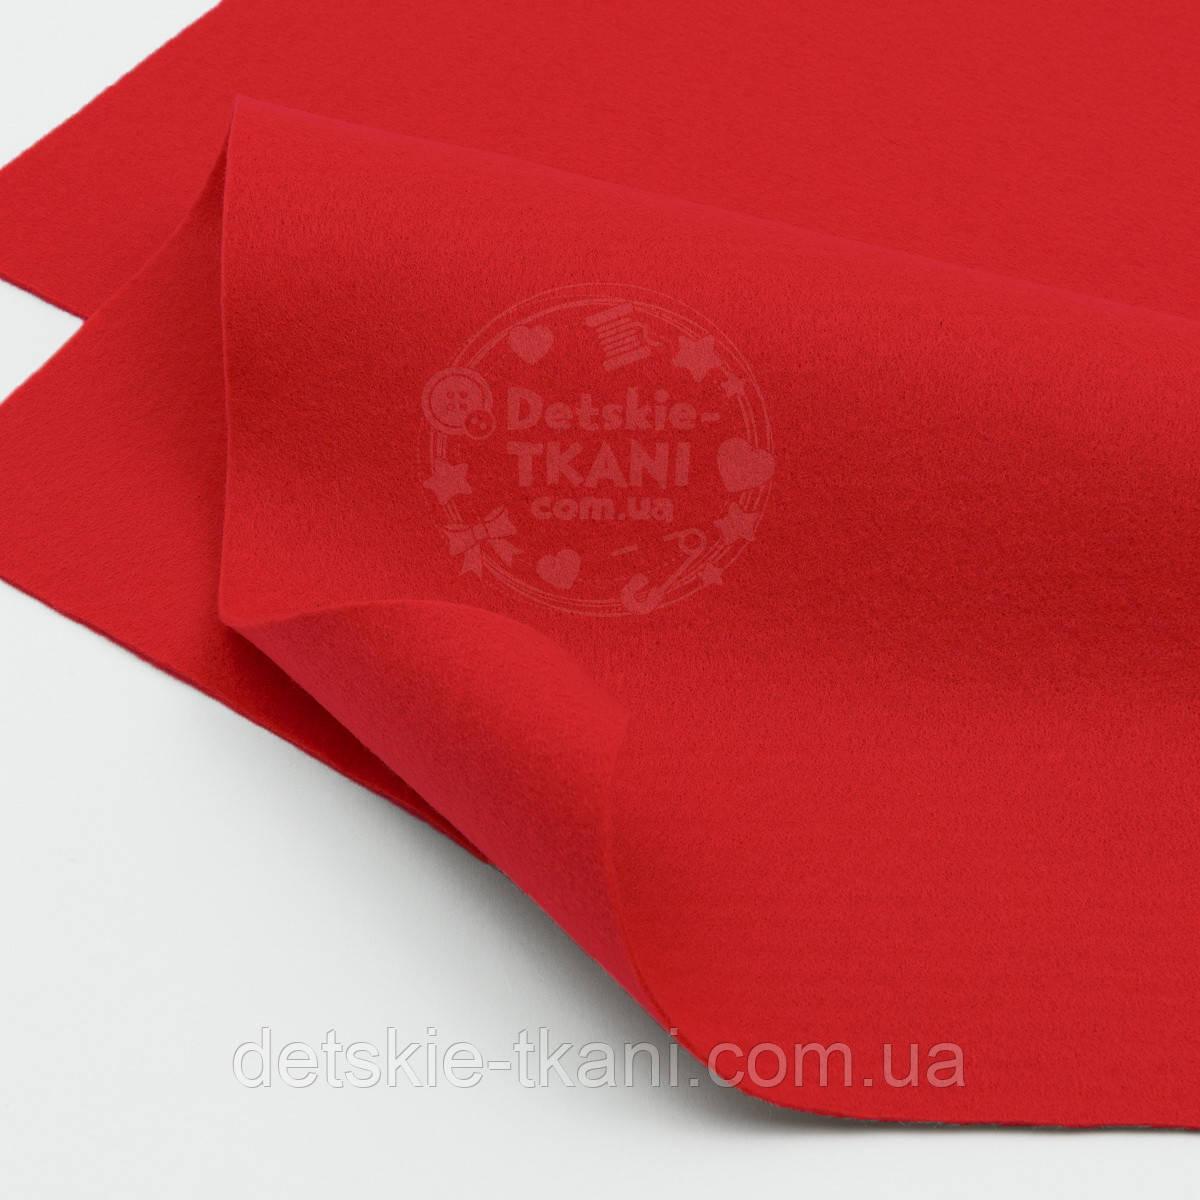 Мягкий листовой фетр красного цвета 20*30 см (ФМ-14)